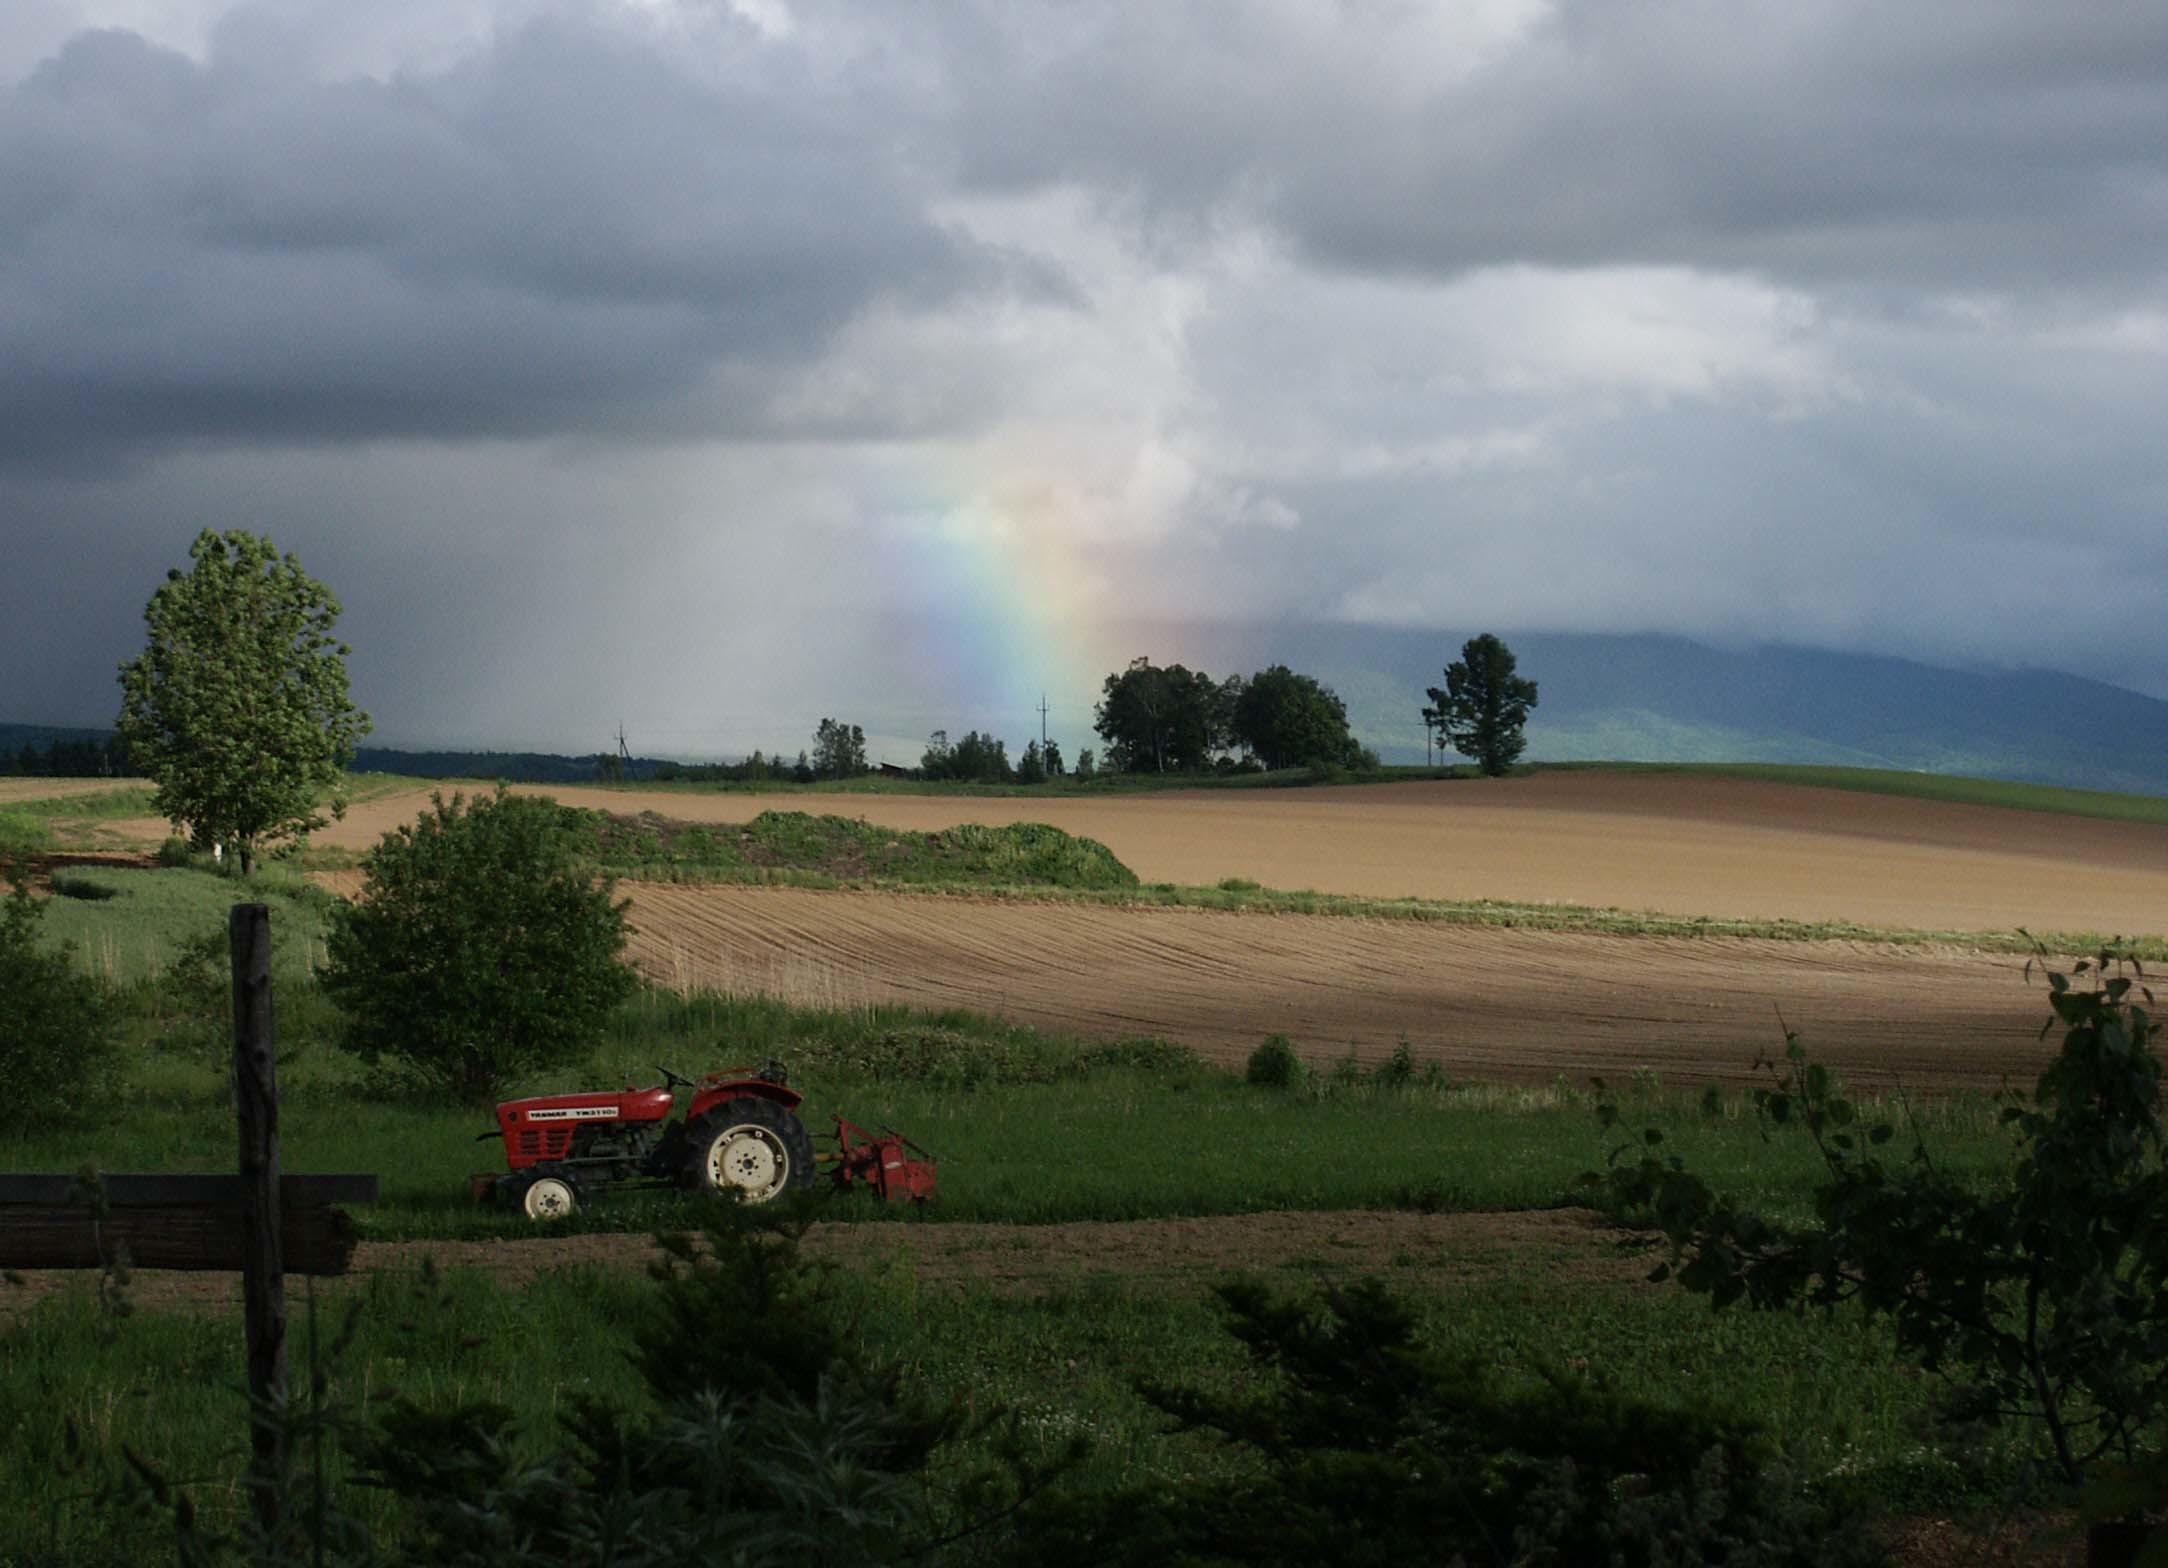 富良野 虹とトラクター 遠景-2-3